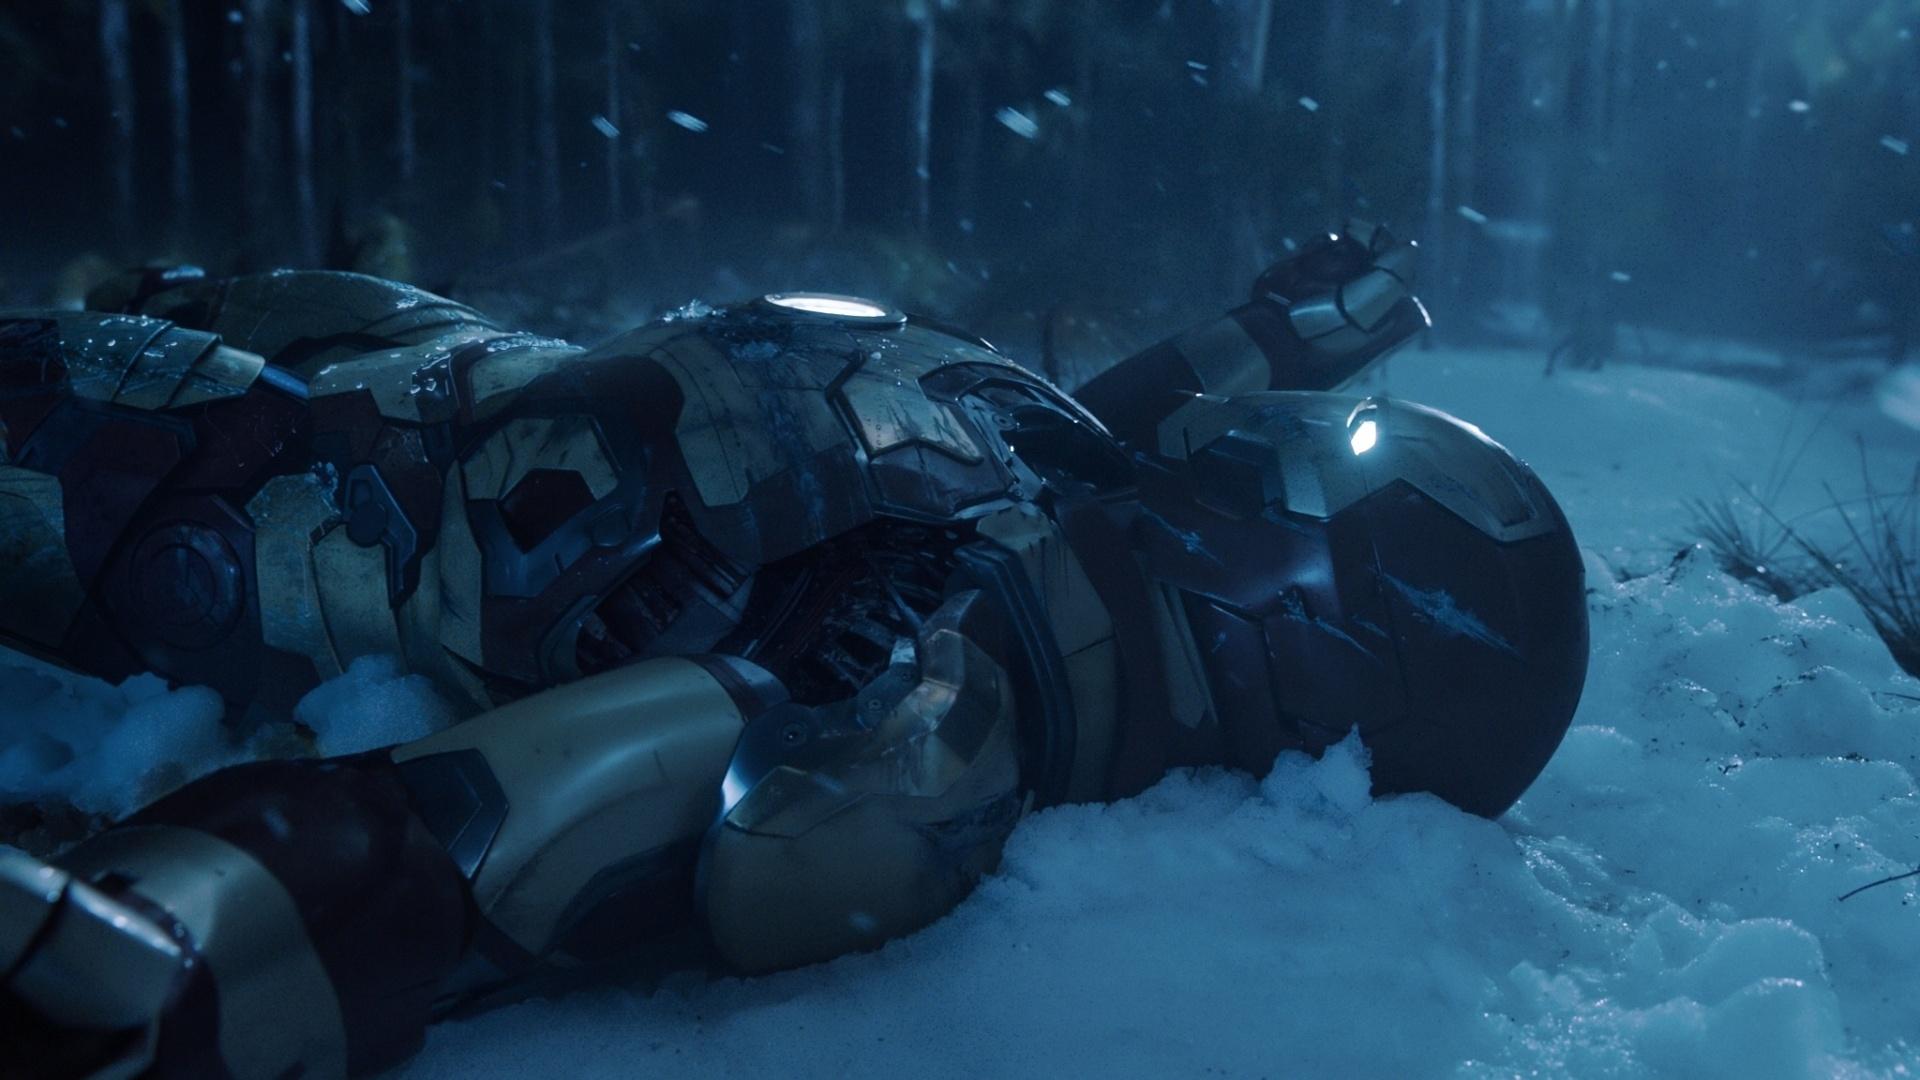 O Homem de Ferro aparece caído na neve após batalha em cena de